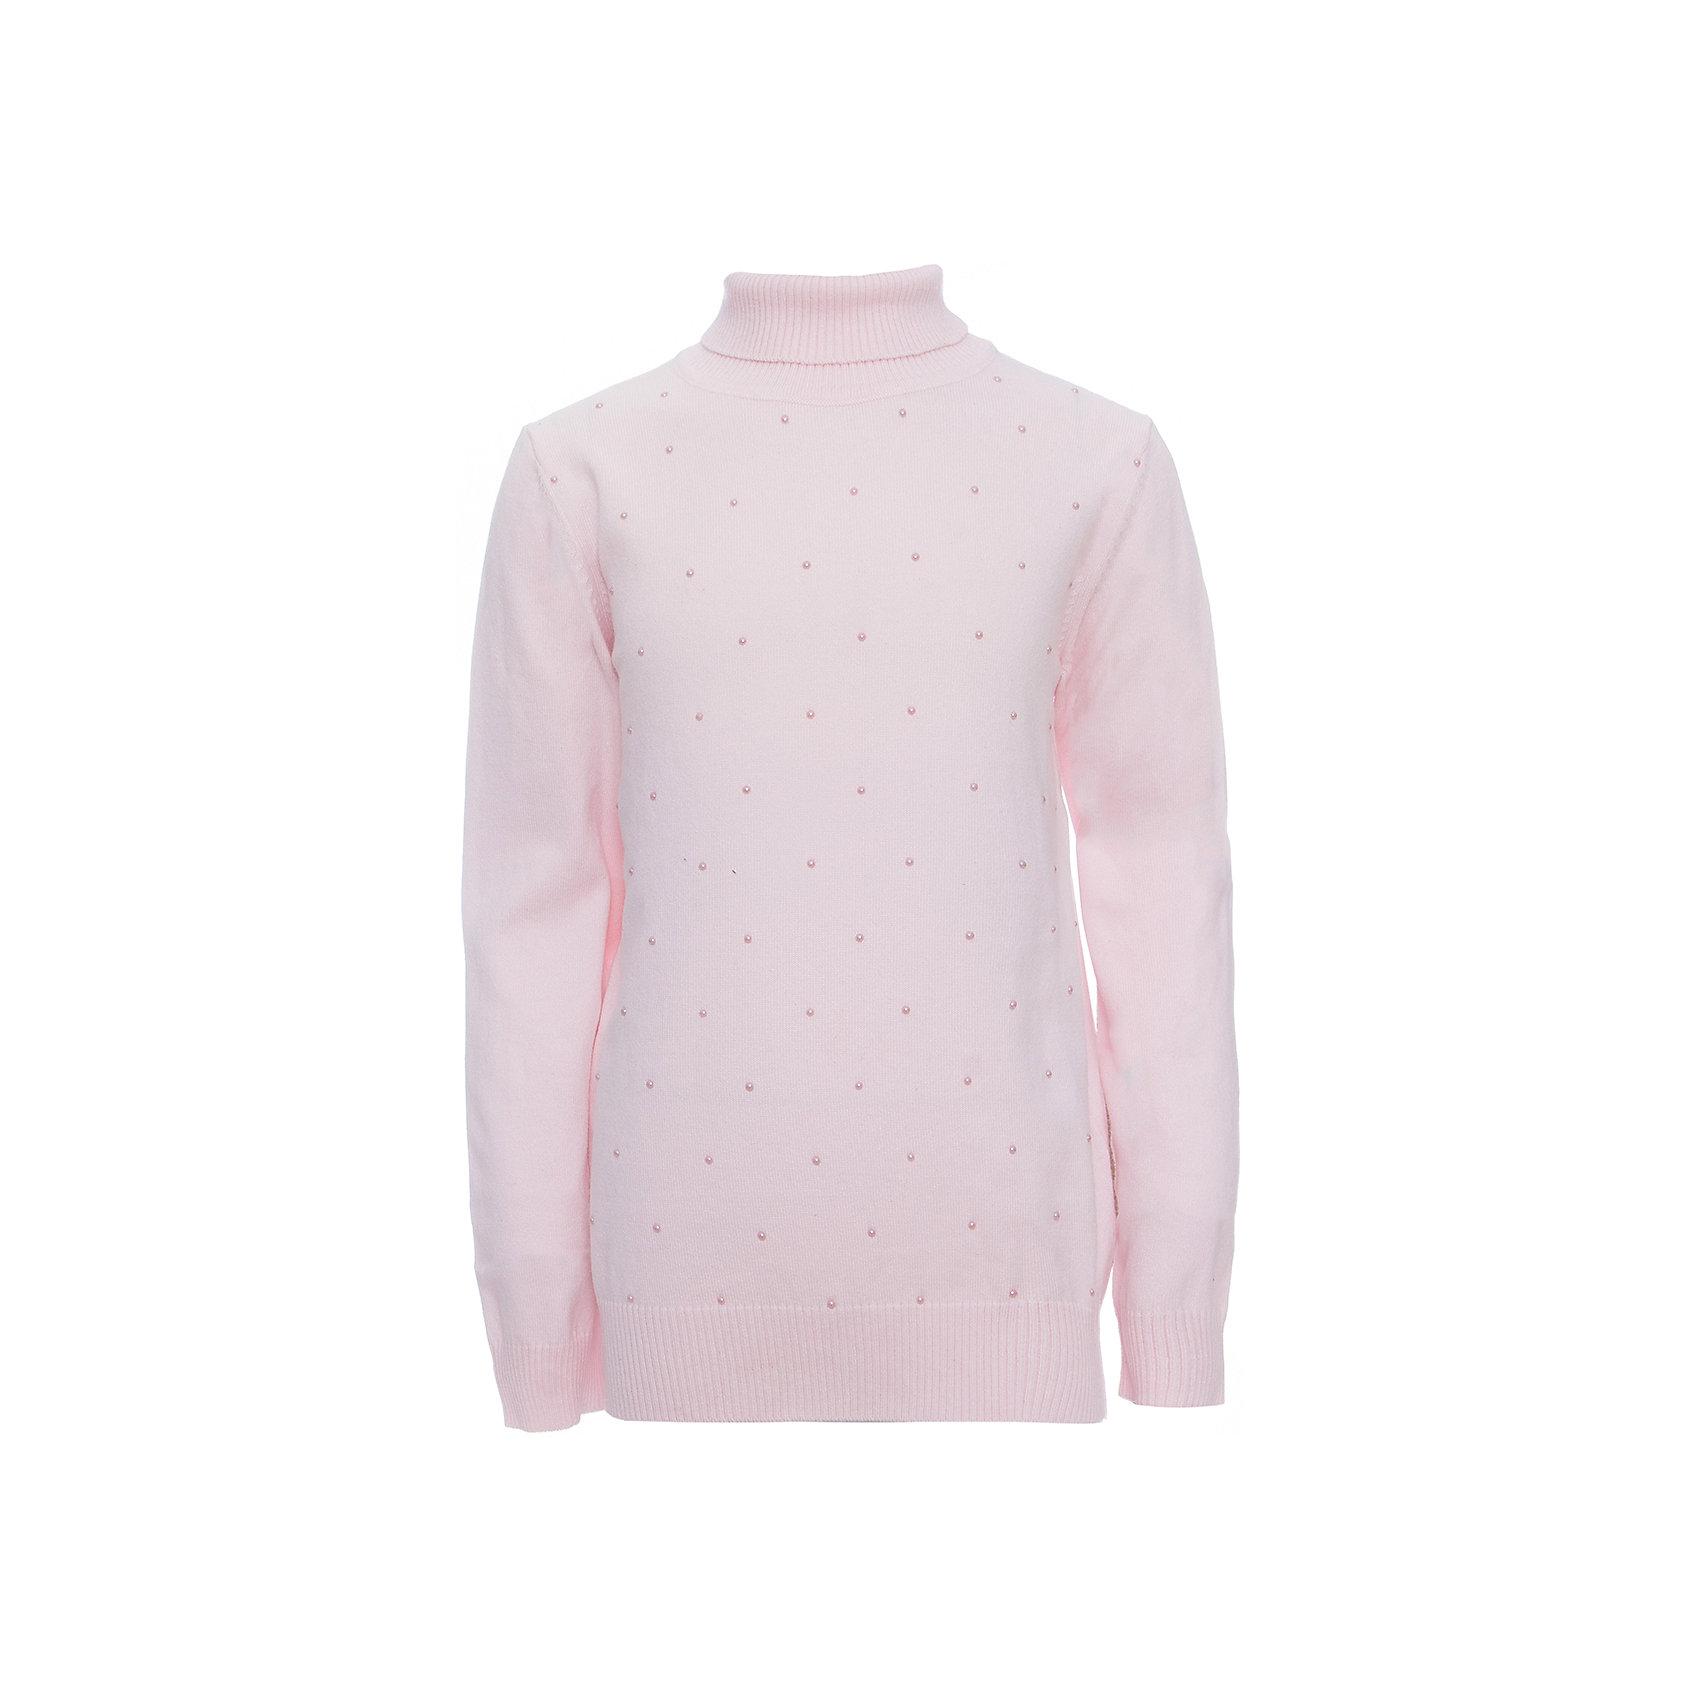 Свитер для девочки ScoolСвитер для девочки Scool<br><br><br>Характеристики:<br><br>• Цвет: розовый<br>• Материал: 80% хлопок, 18% нейлон, 2% эластан<br><br>Теплый свитер с высоким воротником незаменимая вещь в гардеробе каждой модницы. Нежный розовый цвет и мягкий материал подарят ребенку уют в холодную зиму. Рукава, воротник и низ свитера на мягкой широкой резинке. Материал не вызывает аллергии и легко стирается и сушится. <br><br>Свитер для девочки Scool можно купить в нашем интернет-магазине.<br><br>Ширина мм: 190<br>Глубина мм: 74<br>Высота мм: 229<br>Вес г: 236<br>Цвет: розовый<br>Возраст от месяцев: 132<br>Возраст до месяцев: 144<br>Пол: Женский<br>Возраст: Детский<br>Размер: 152,134,140,146,122,128,164,158<br>SKU: 5227637